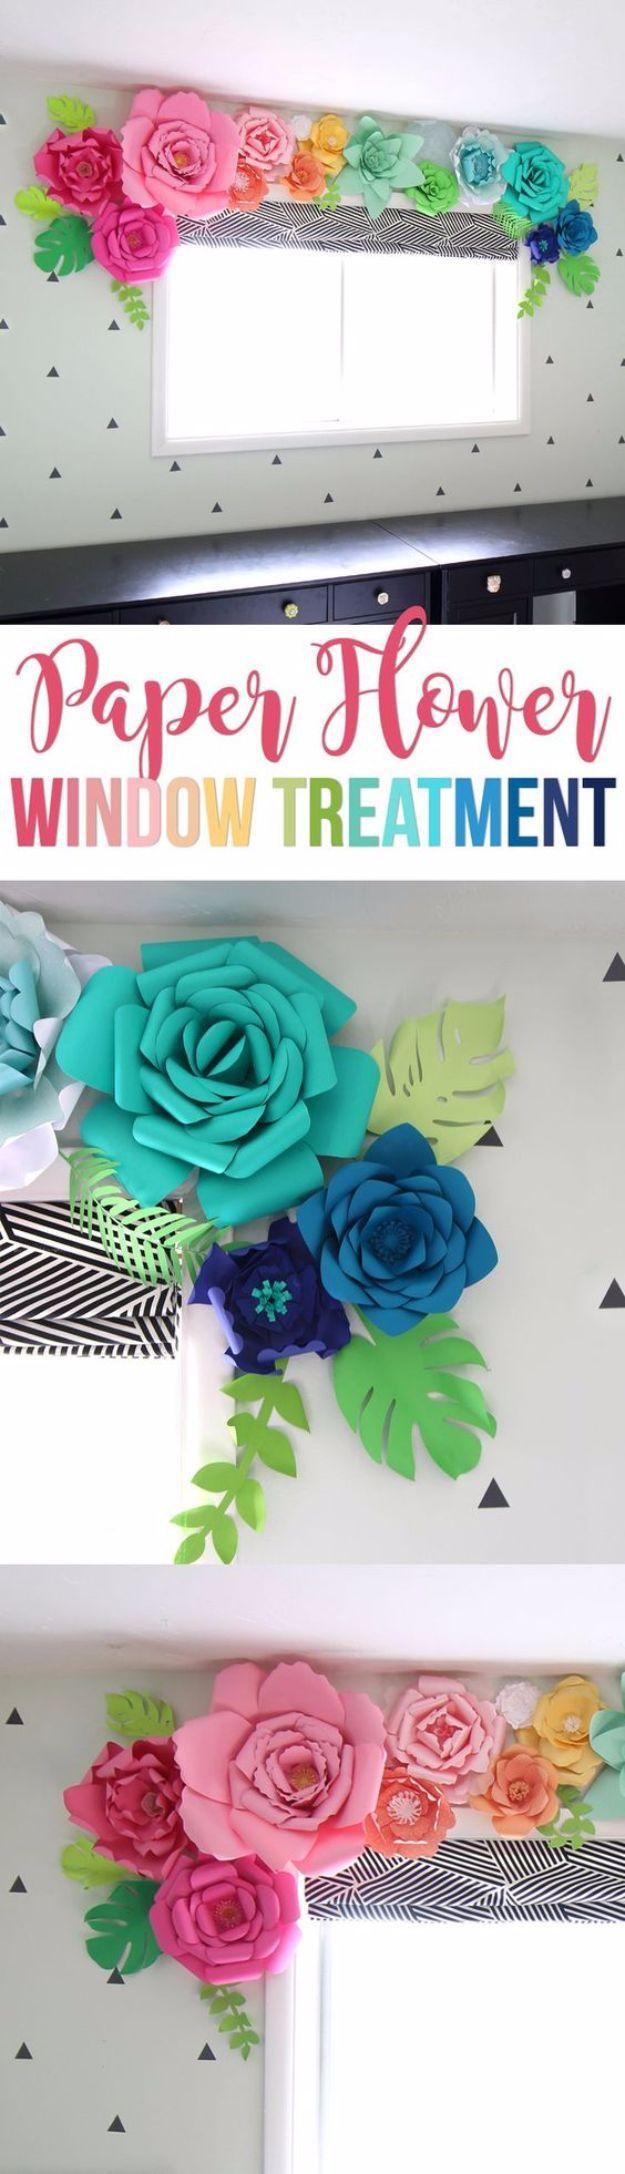 43 Kreative Papierblumen, um heute zu machen